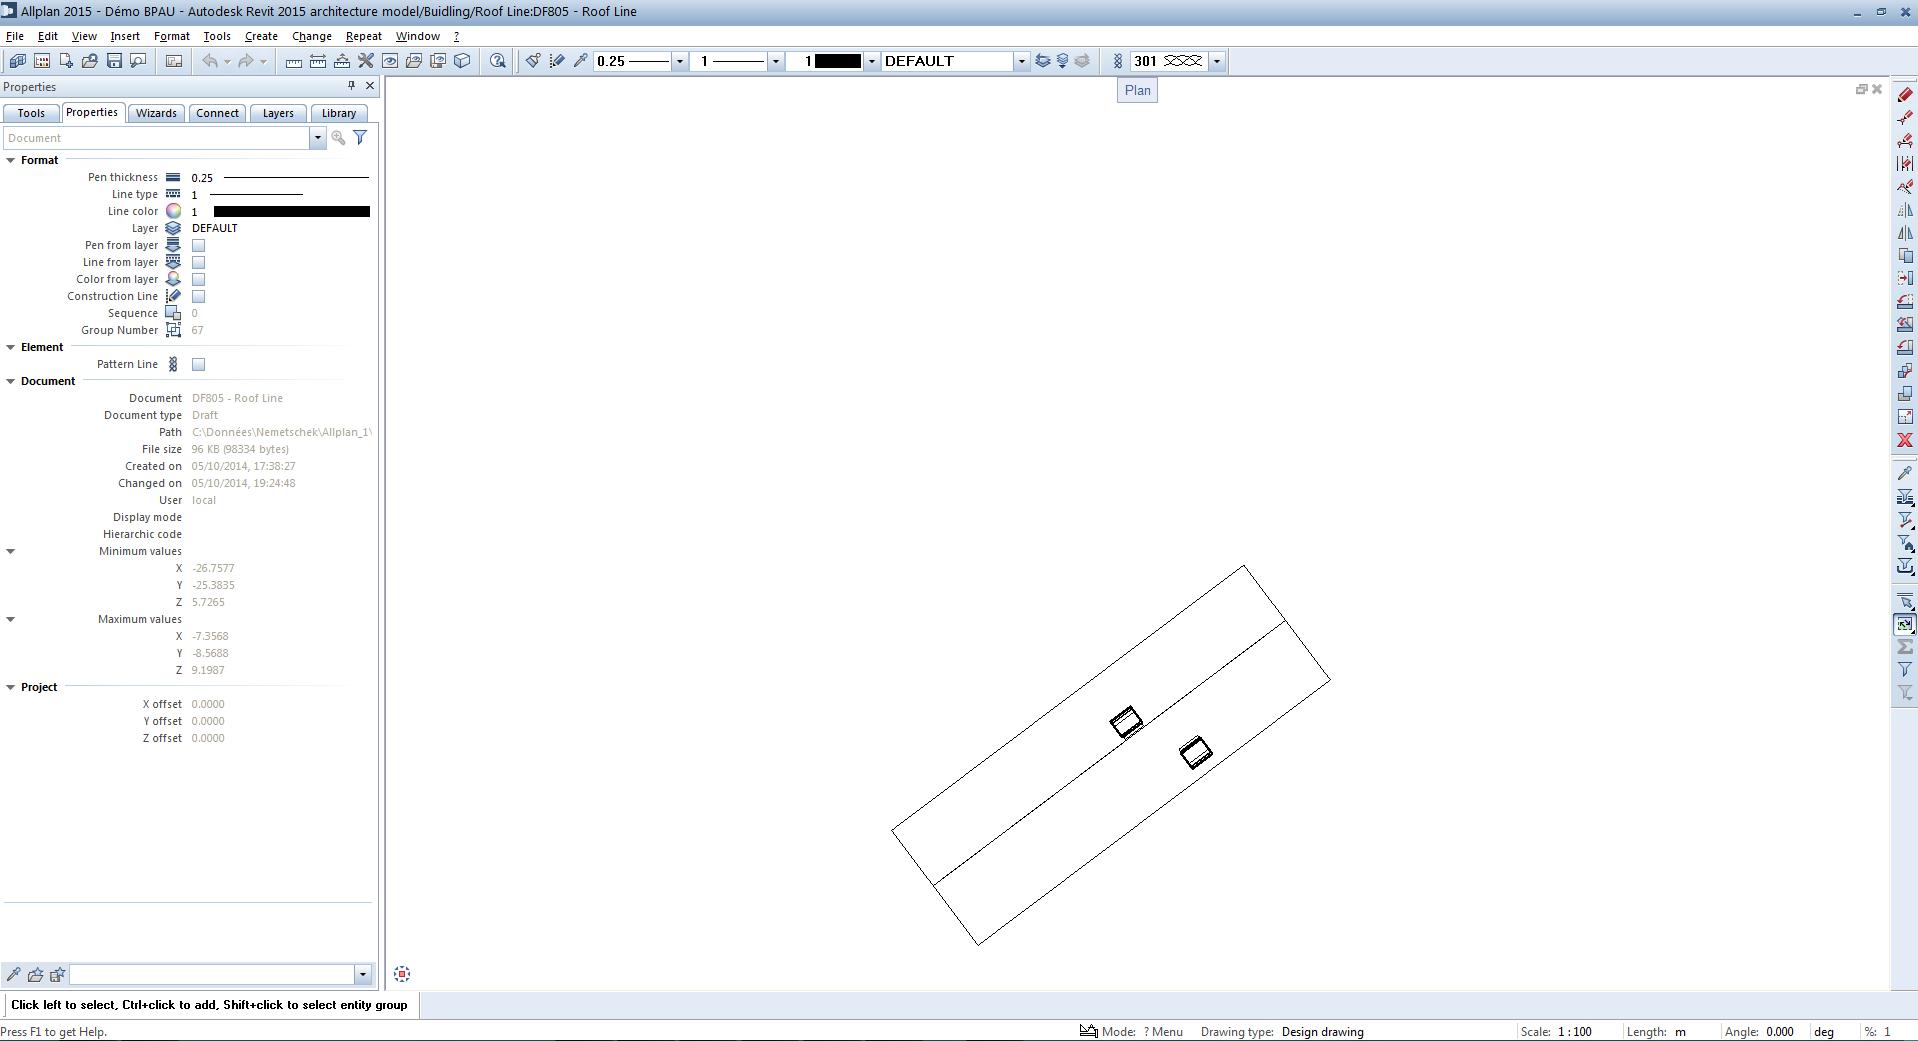 Autodesk_Revit_2015_Allplan_04_toit